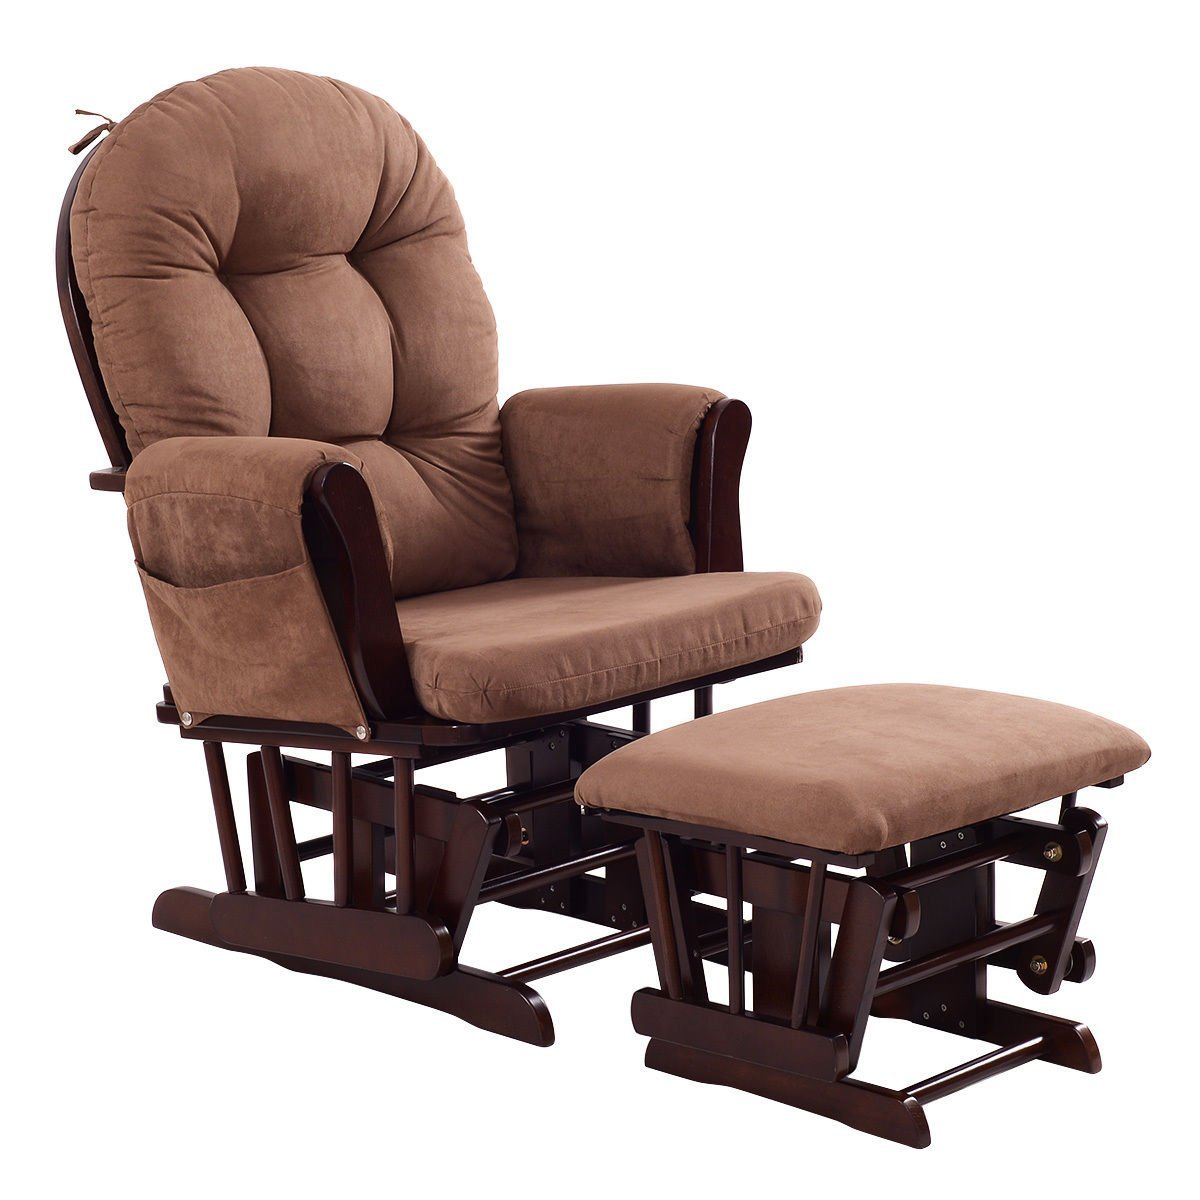 Wood Glider Rocking Chair Find